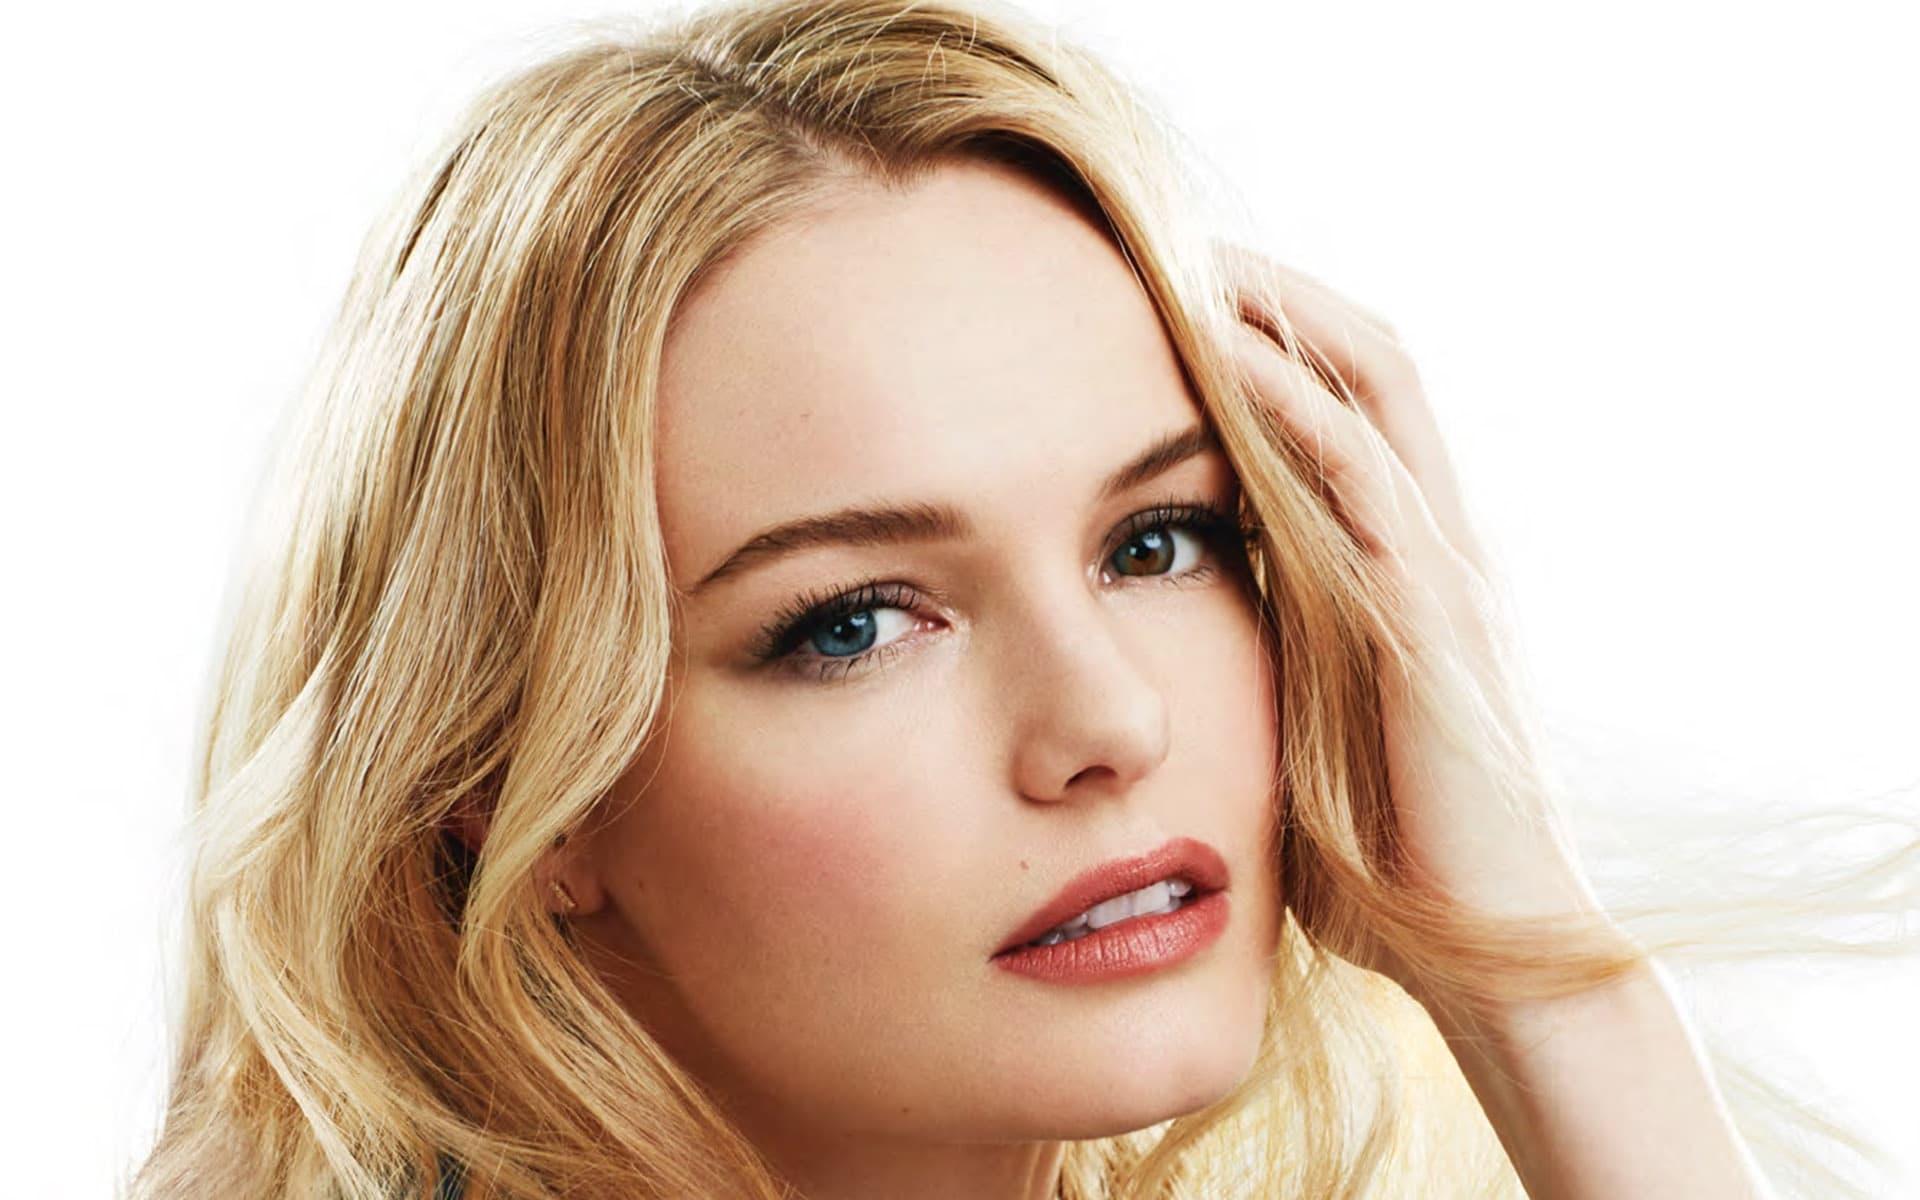 Actress Blonde Blue Eyes Kate Bosworth 1920x1200